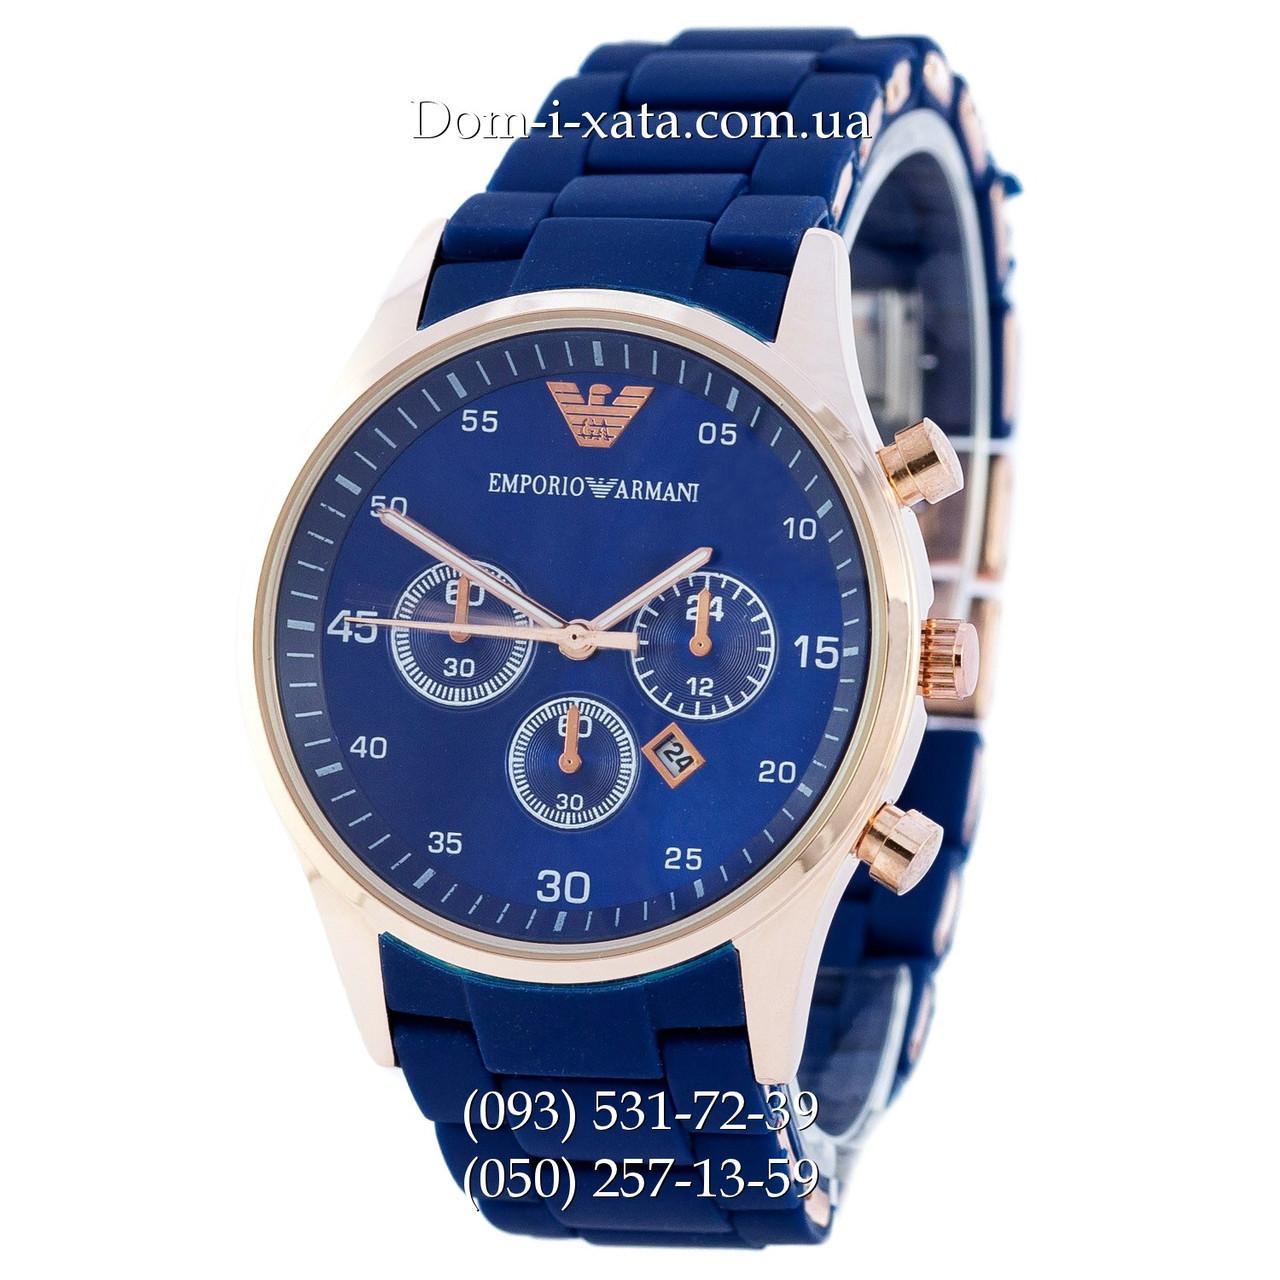 Мужские часы Emporio Armani blue-gold, элитные часы Эмпорио Армани синие-золото, реплика отличное качество